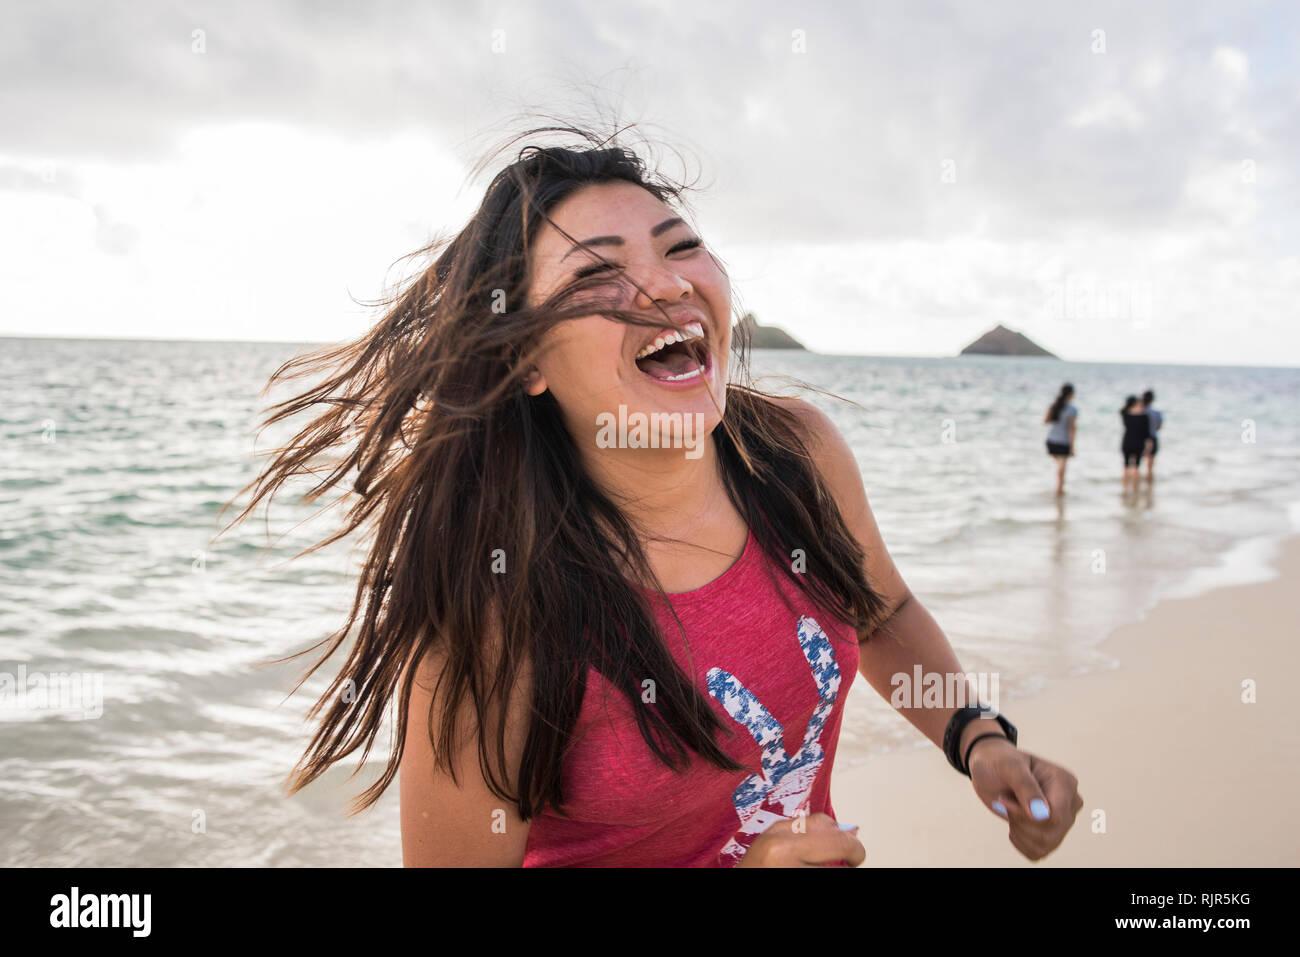 Woman swinging hair, Lanikai Beach, Oahu, Hawaii - Stock Image